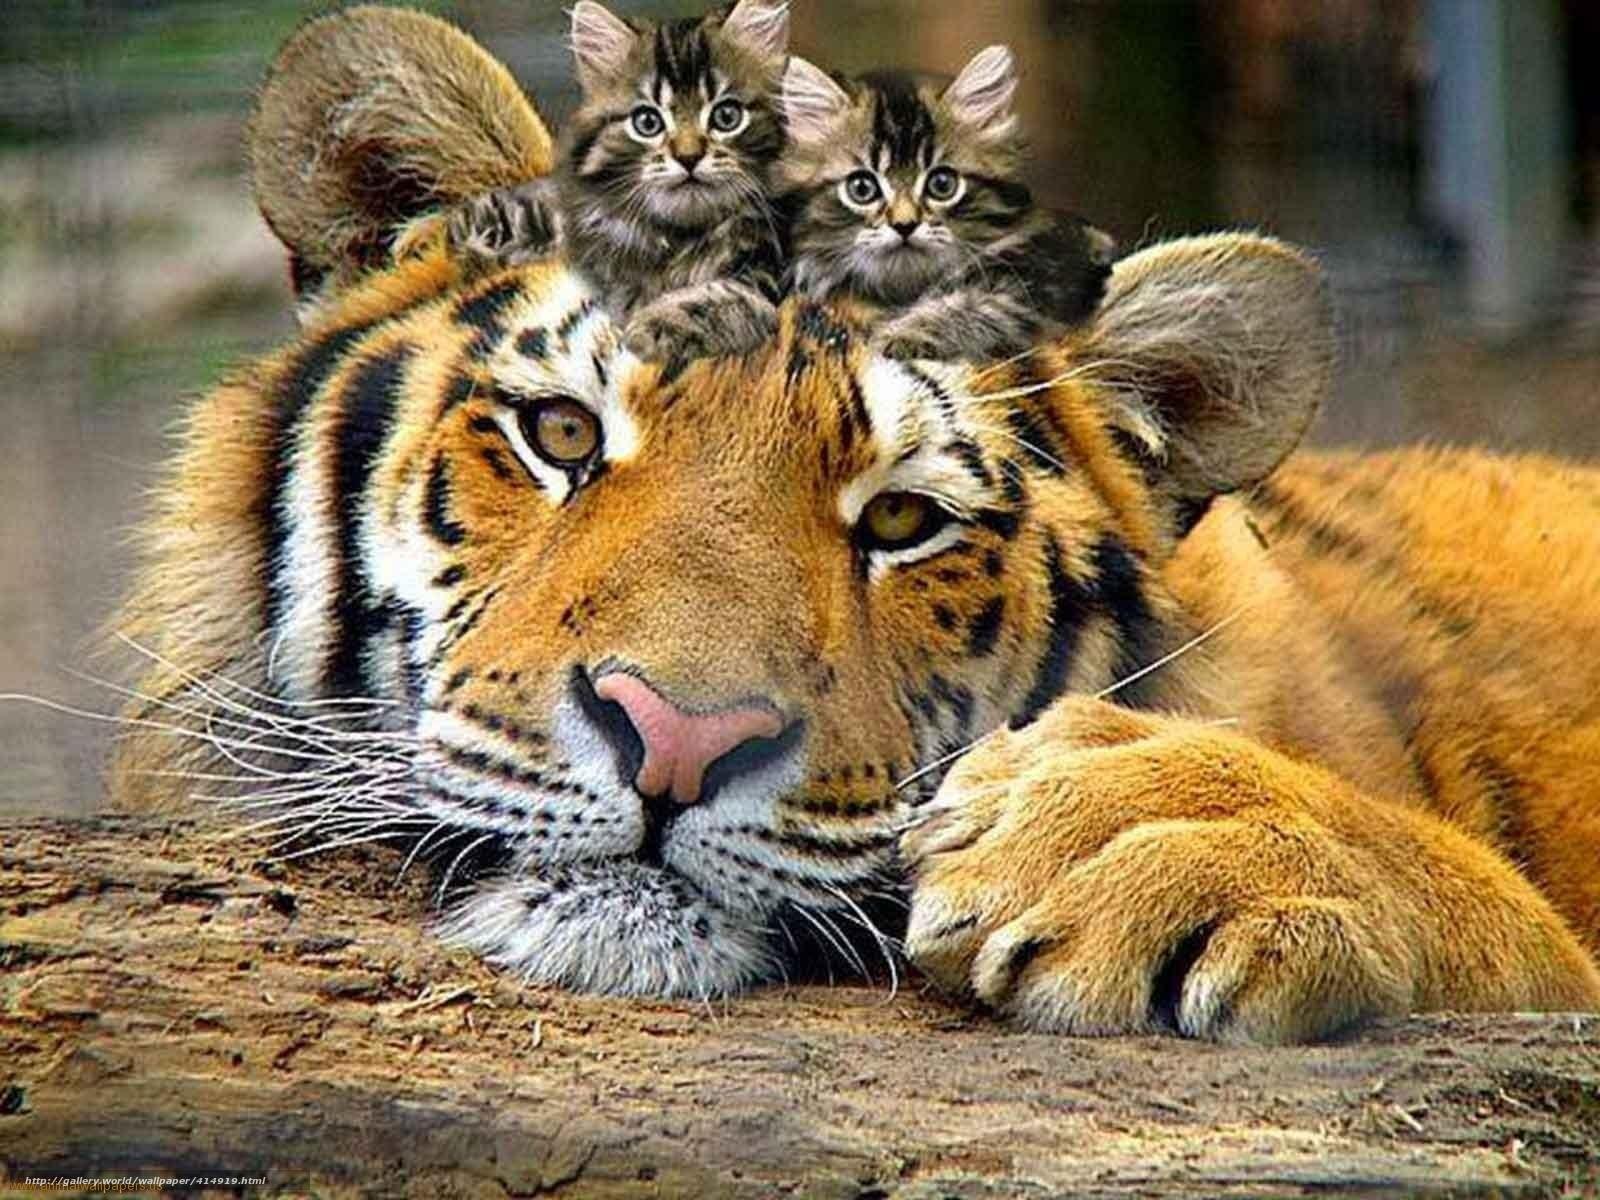 Download hintergrund tiere katzen tiger ktzchen freie desktop